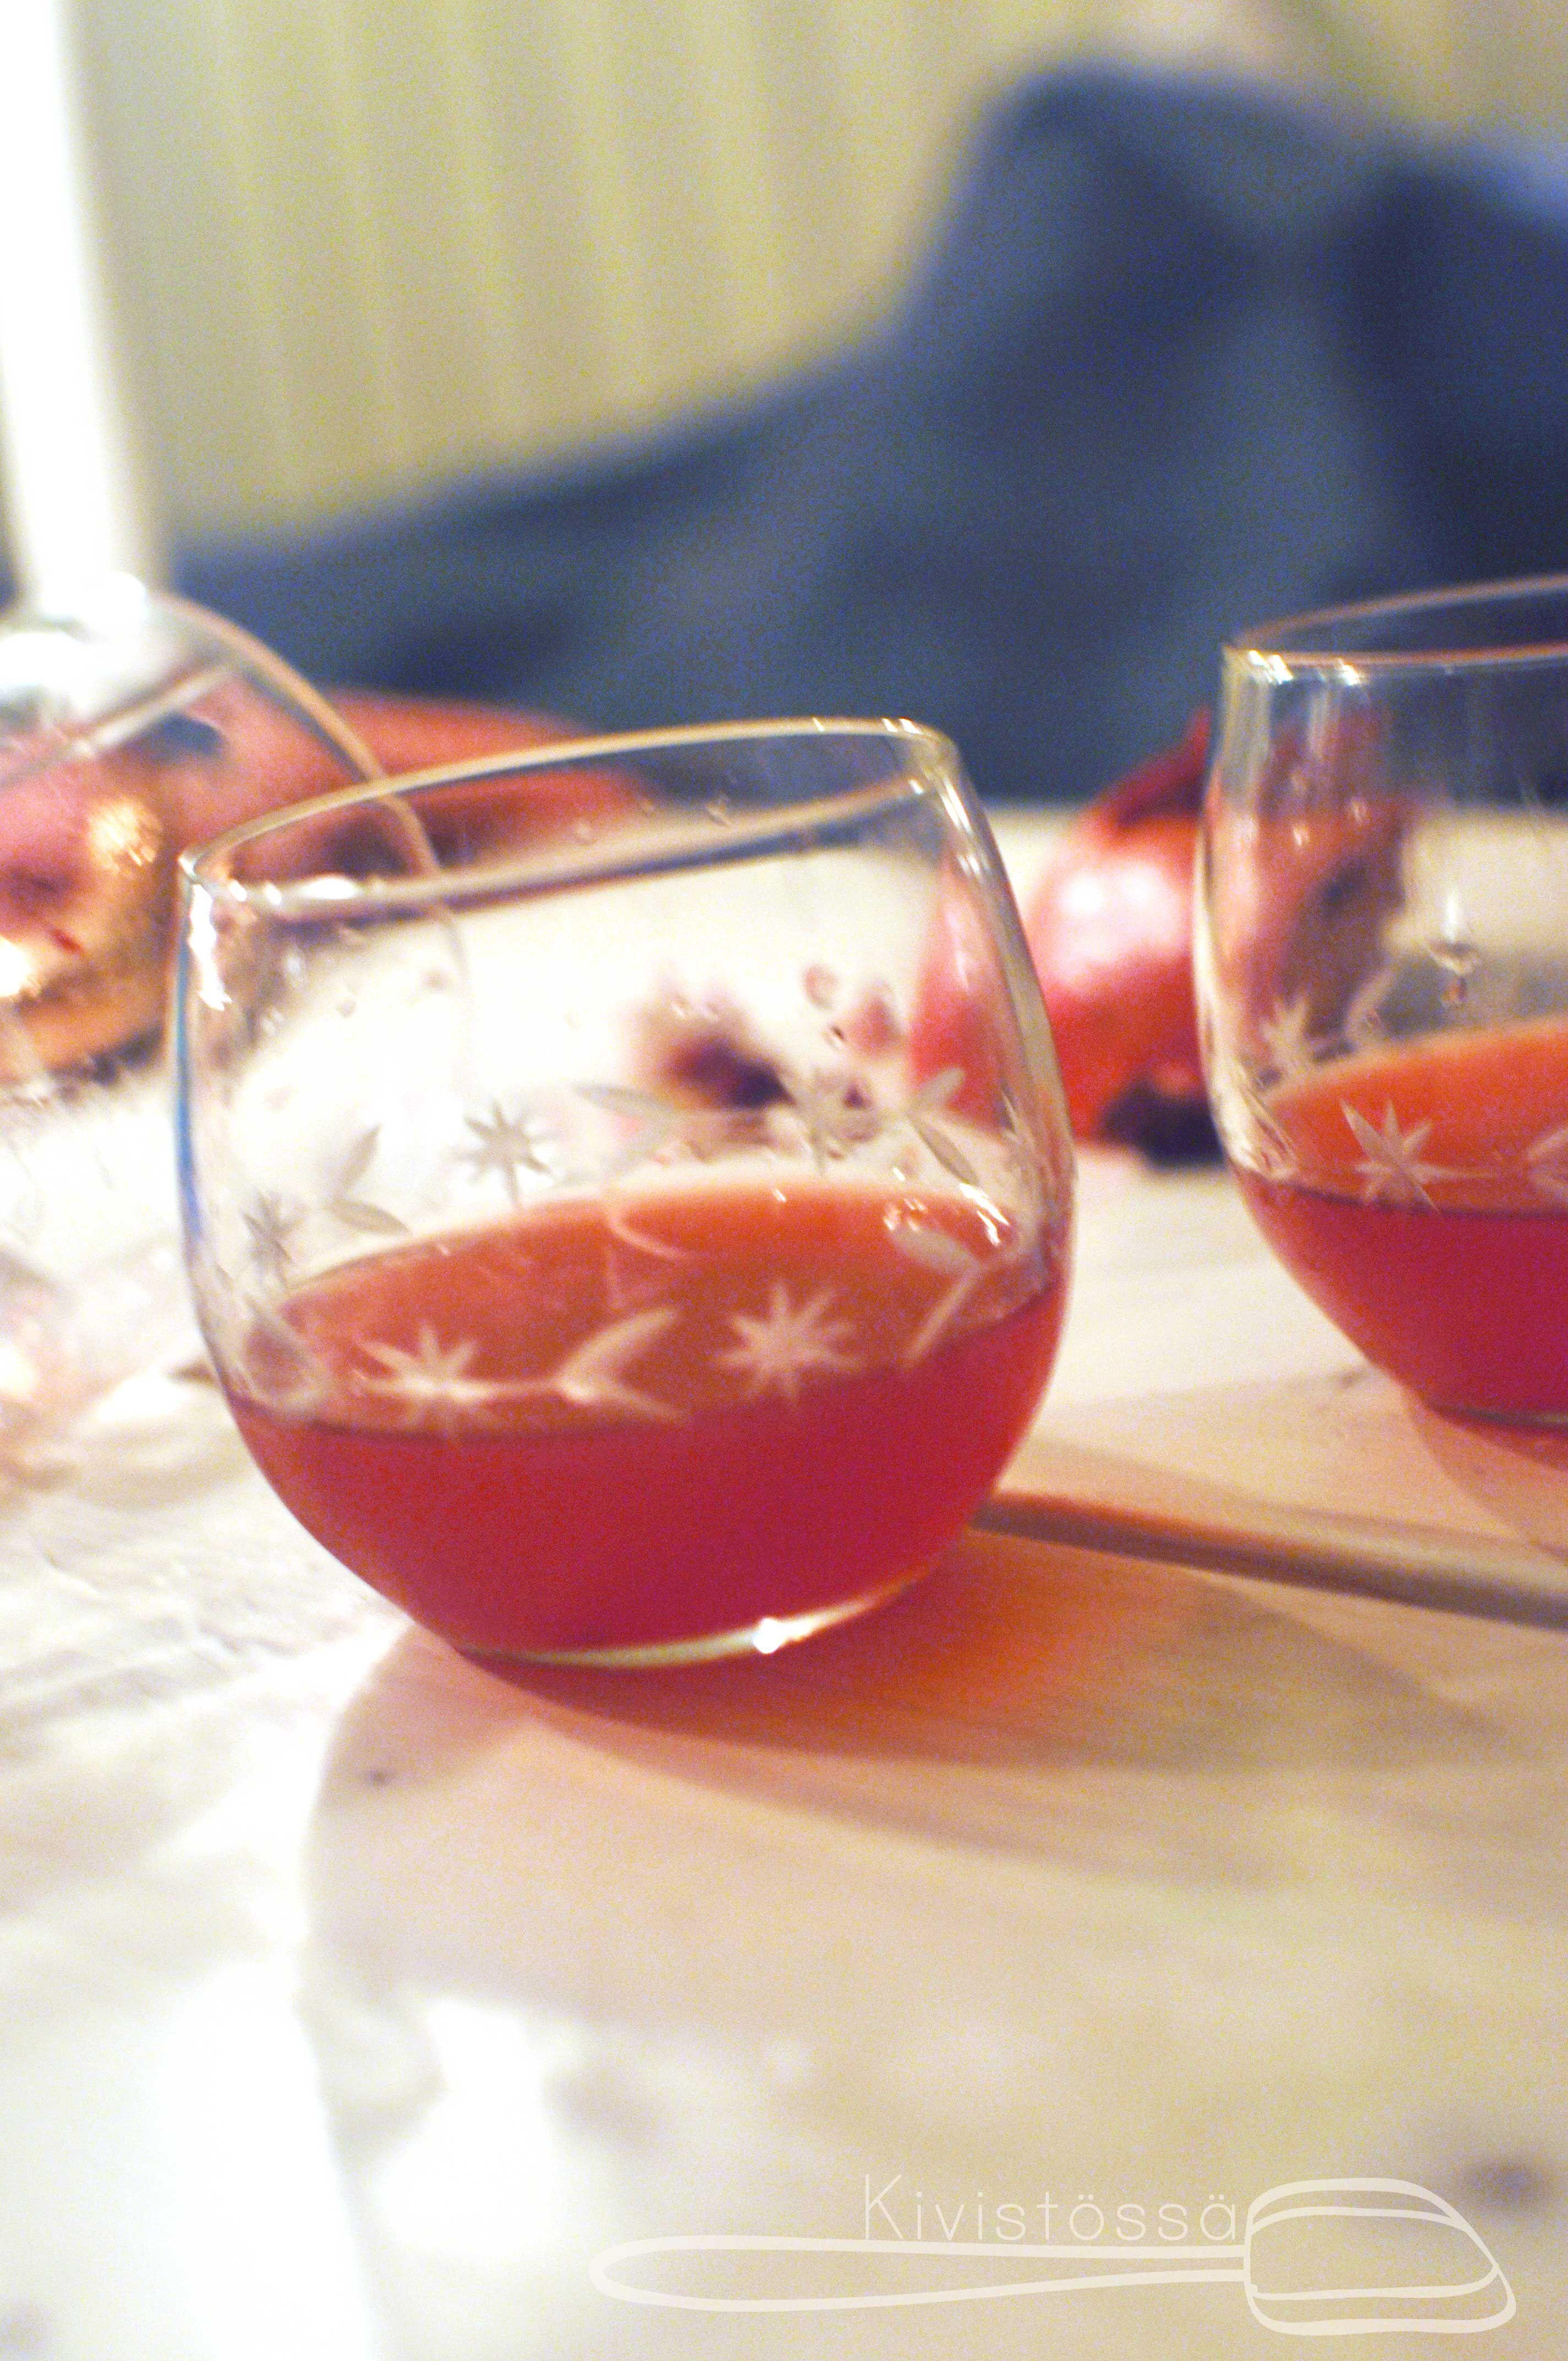 Pomegranate martini for christmas - Kivistössä foodblog